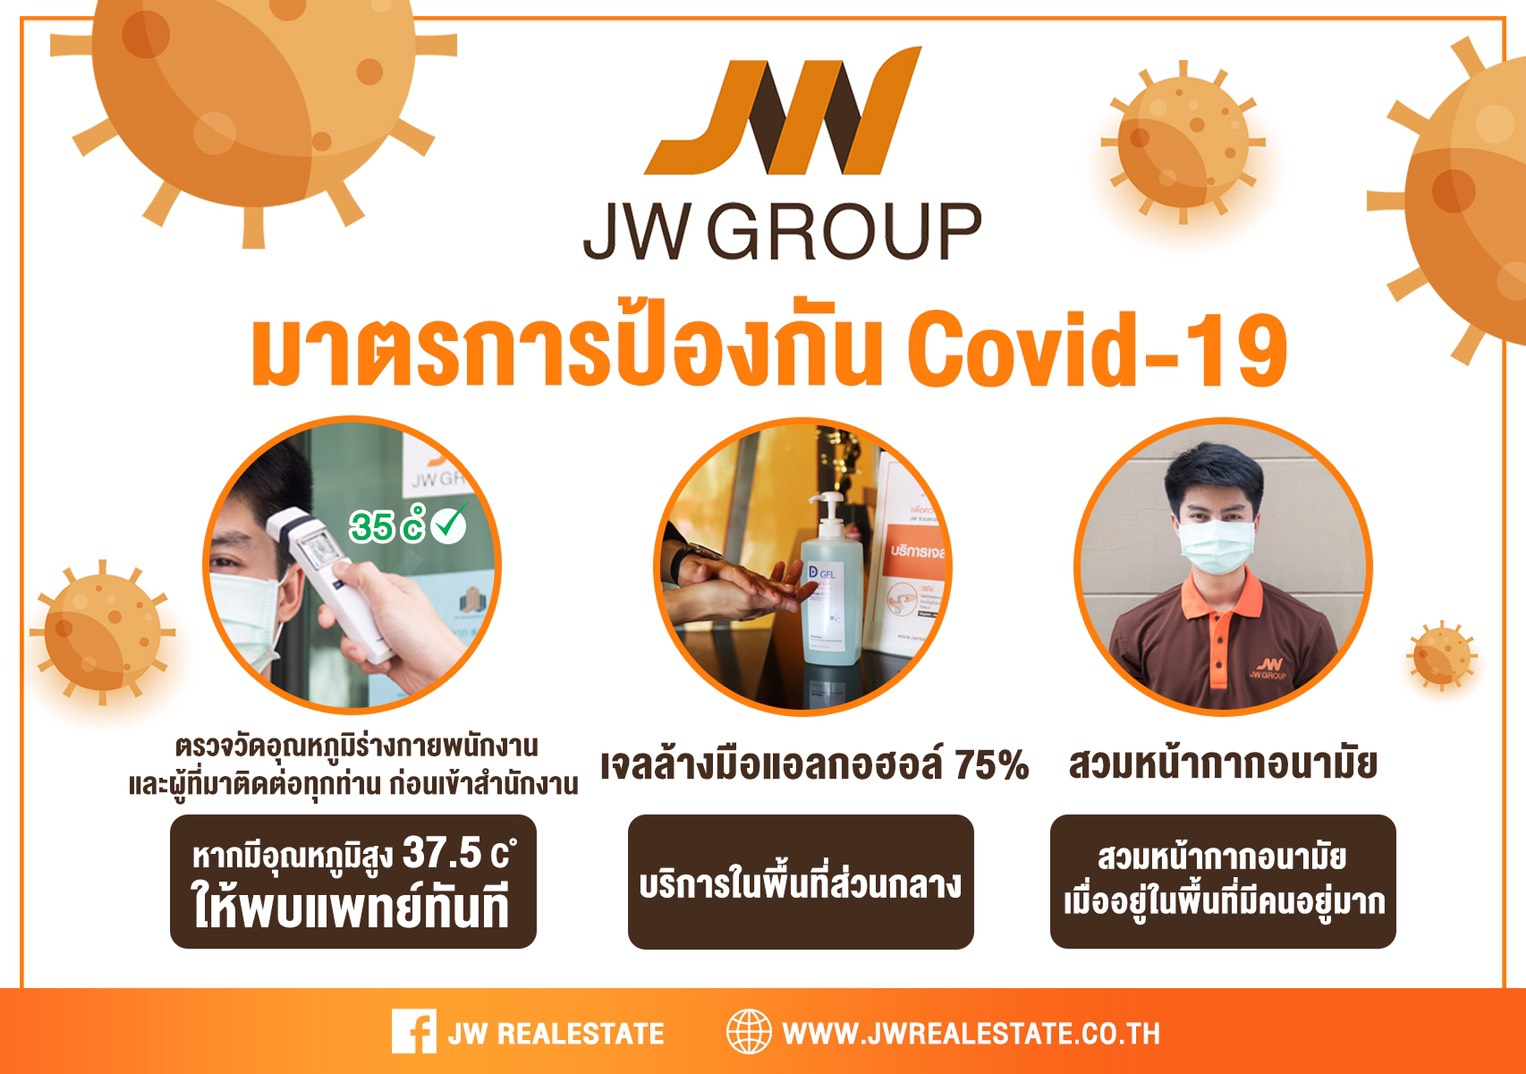 มาตรการป้องกัน Covid-19